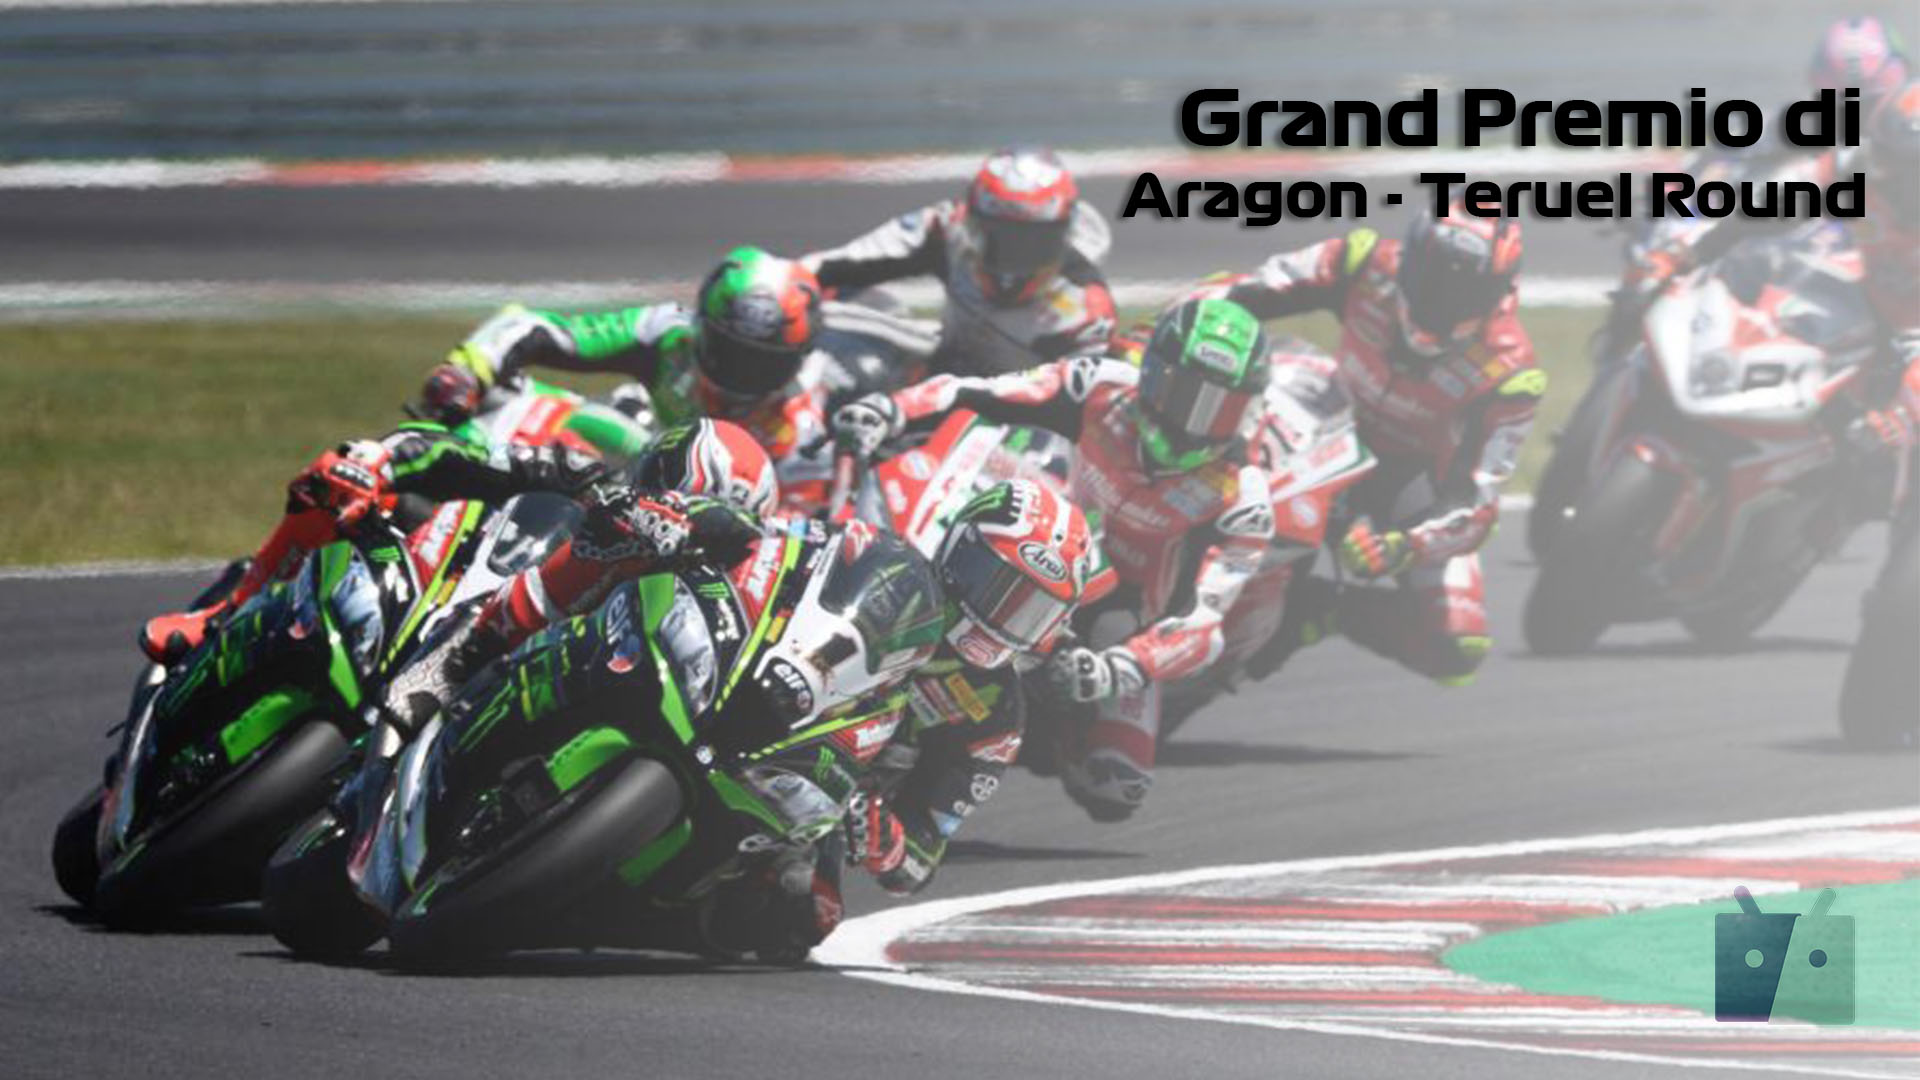 SBK, GP Aragon 2020 sul circuito di Teruel Round: dove vedere la gara in TV e streaming